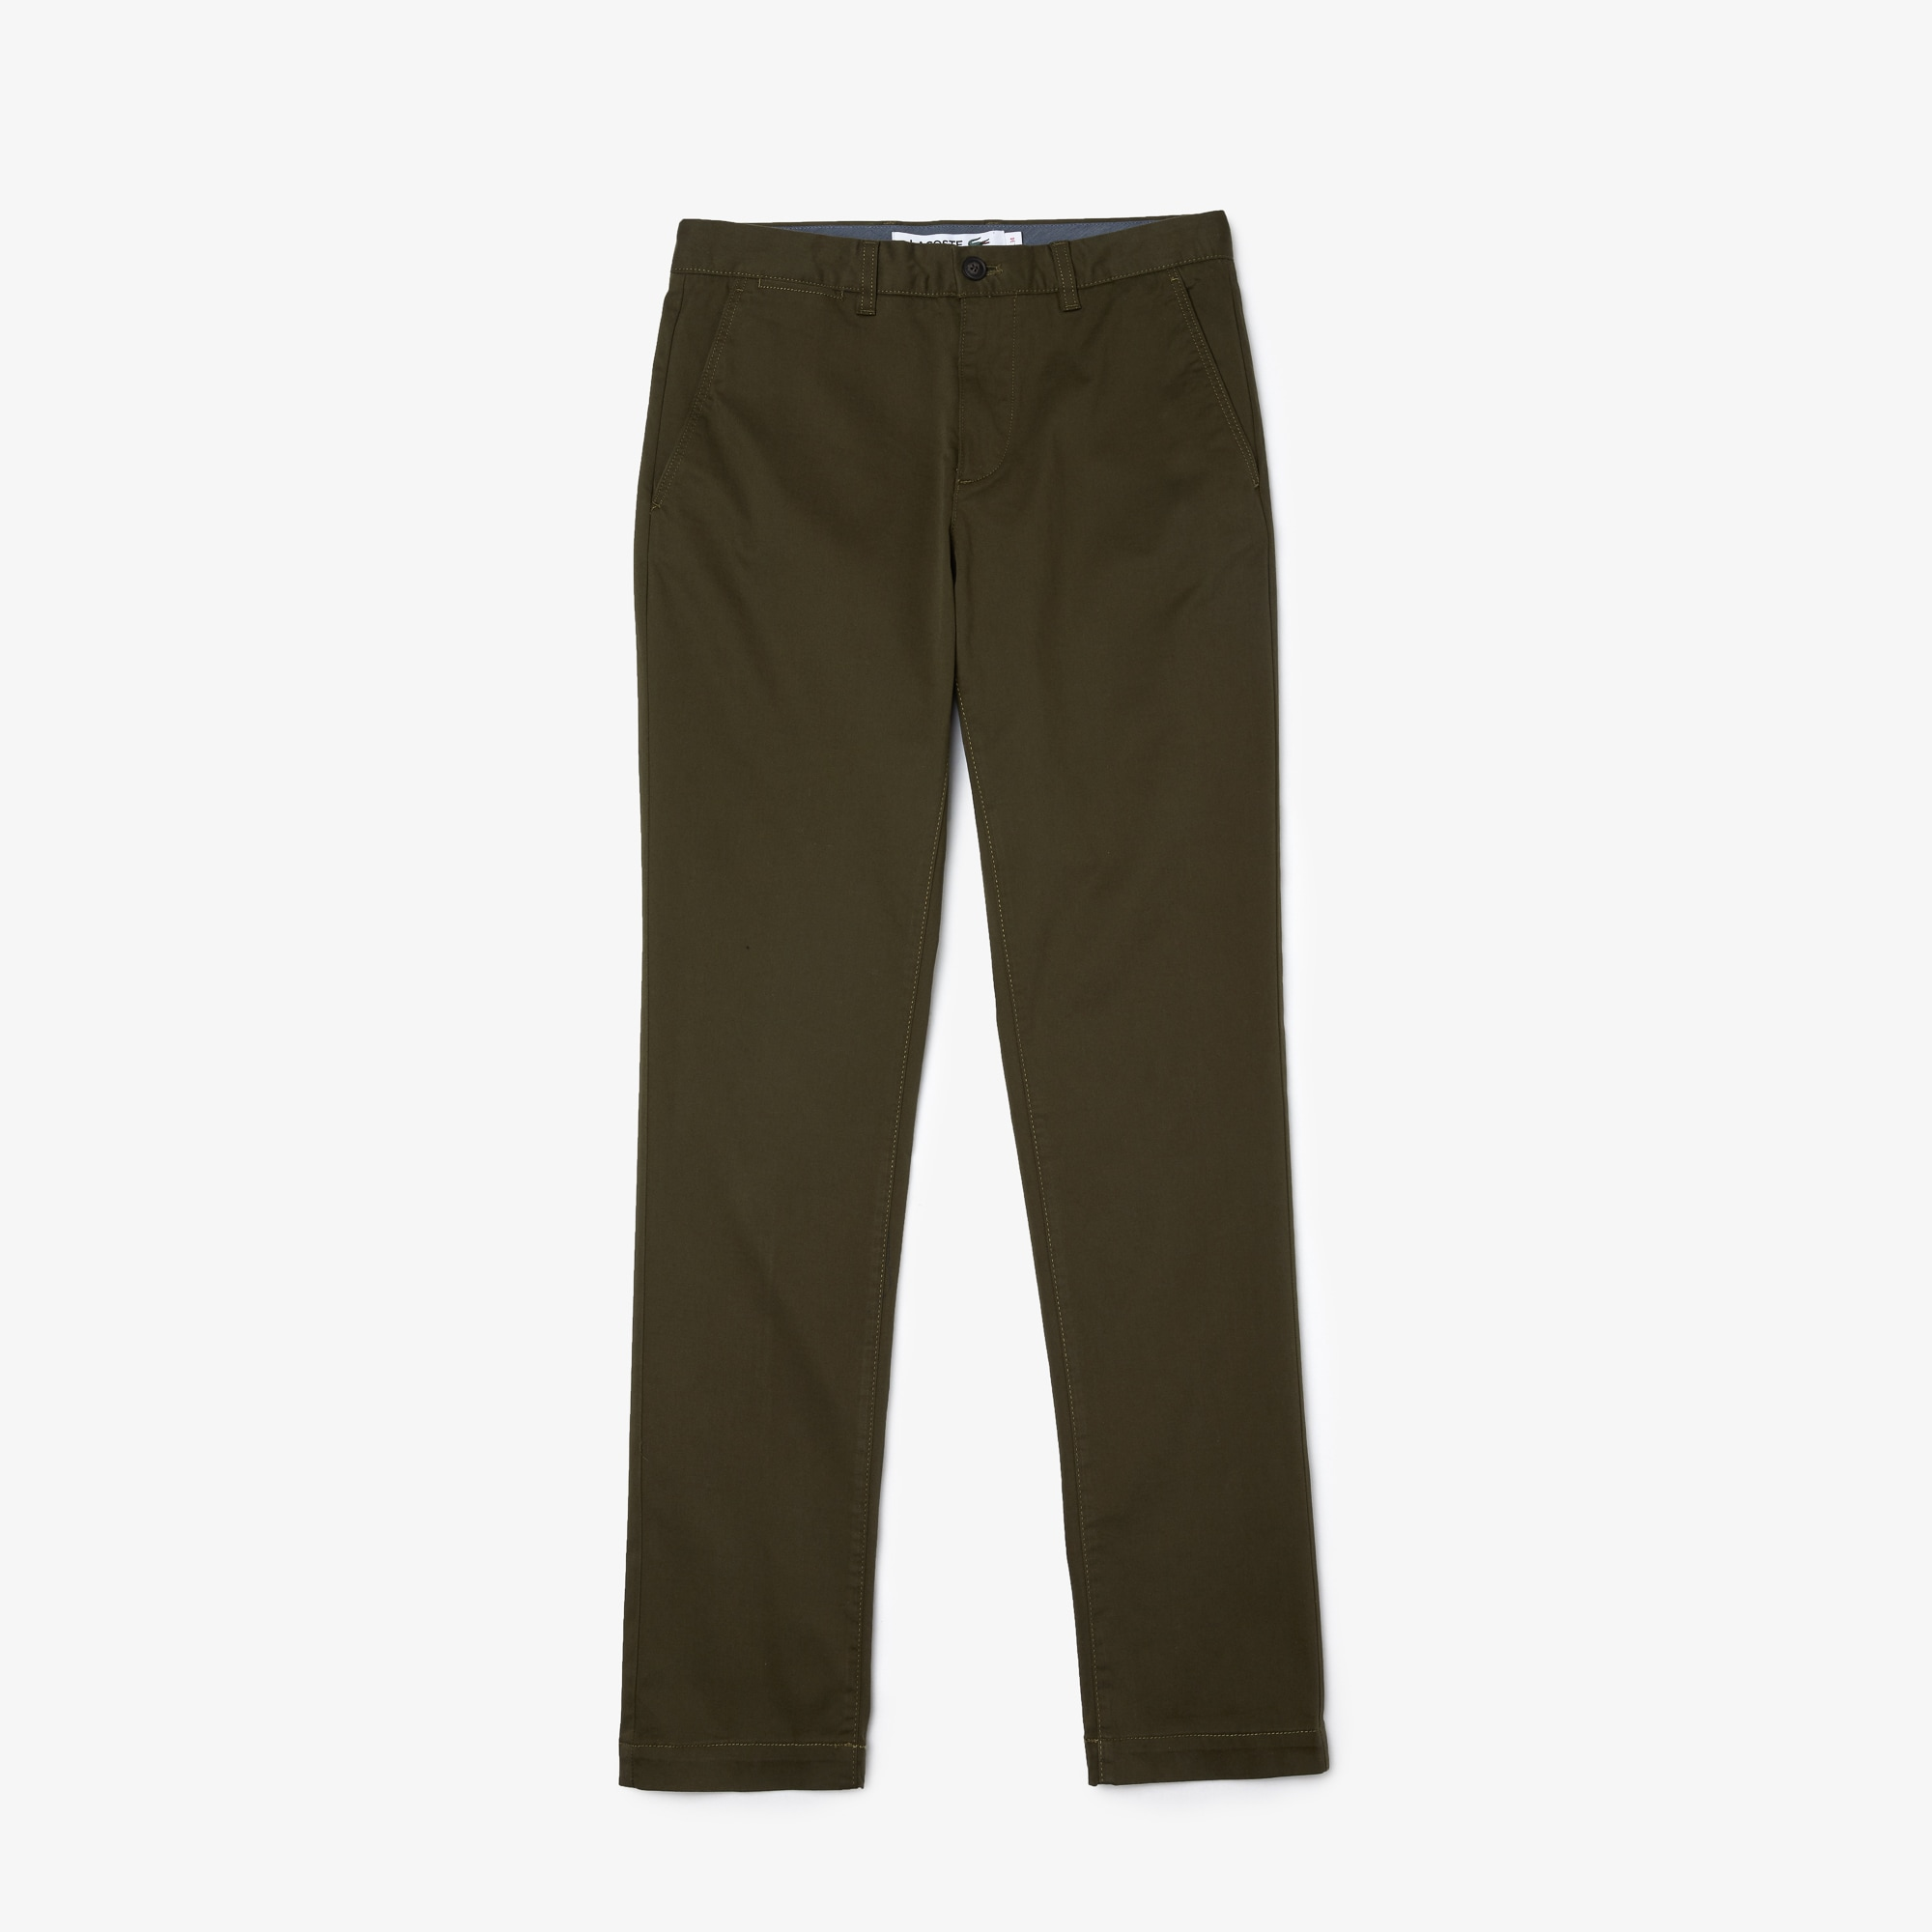 라코스테 Lacoste Mens Slim Fit Stretch Gabardine Chino Pants,khaki green